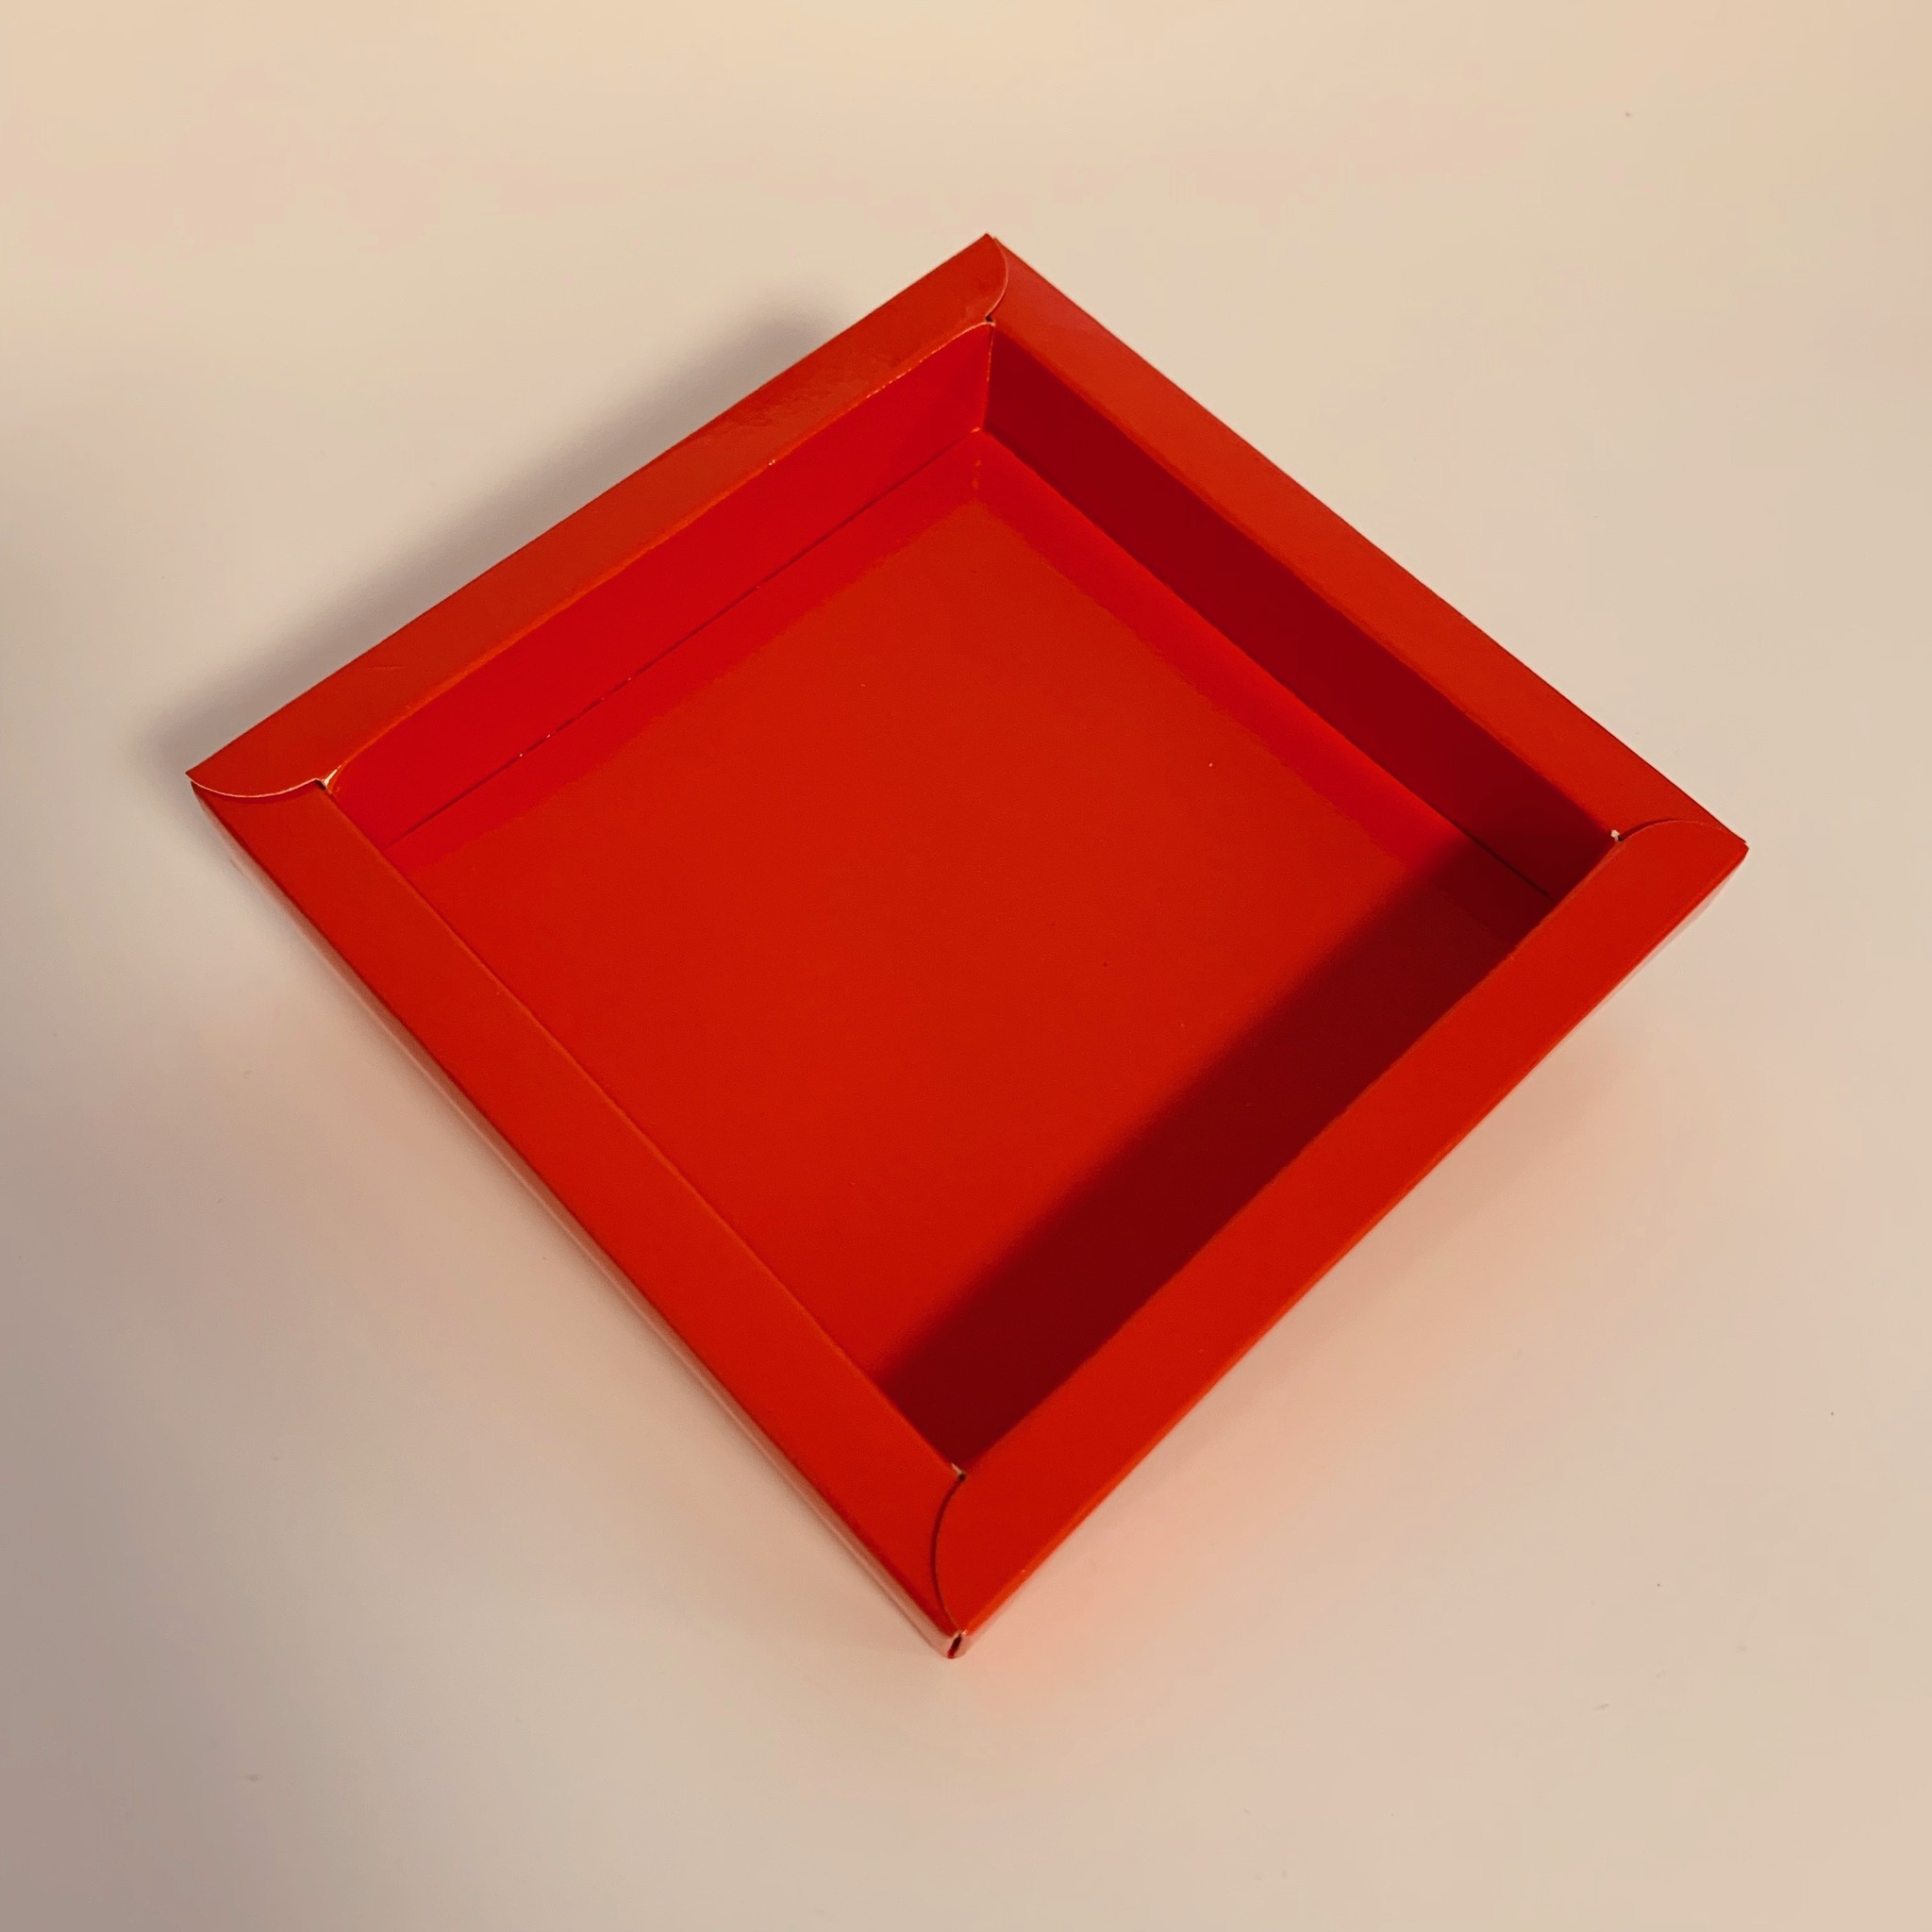 Hollewand verpakking NR.125 inhoud: 125x125x25mm (125stuks)